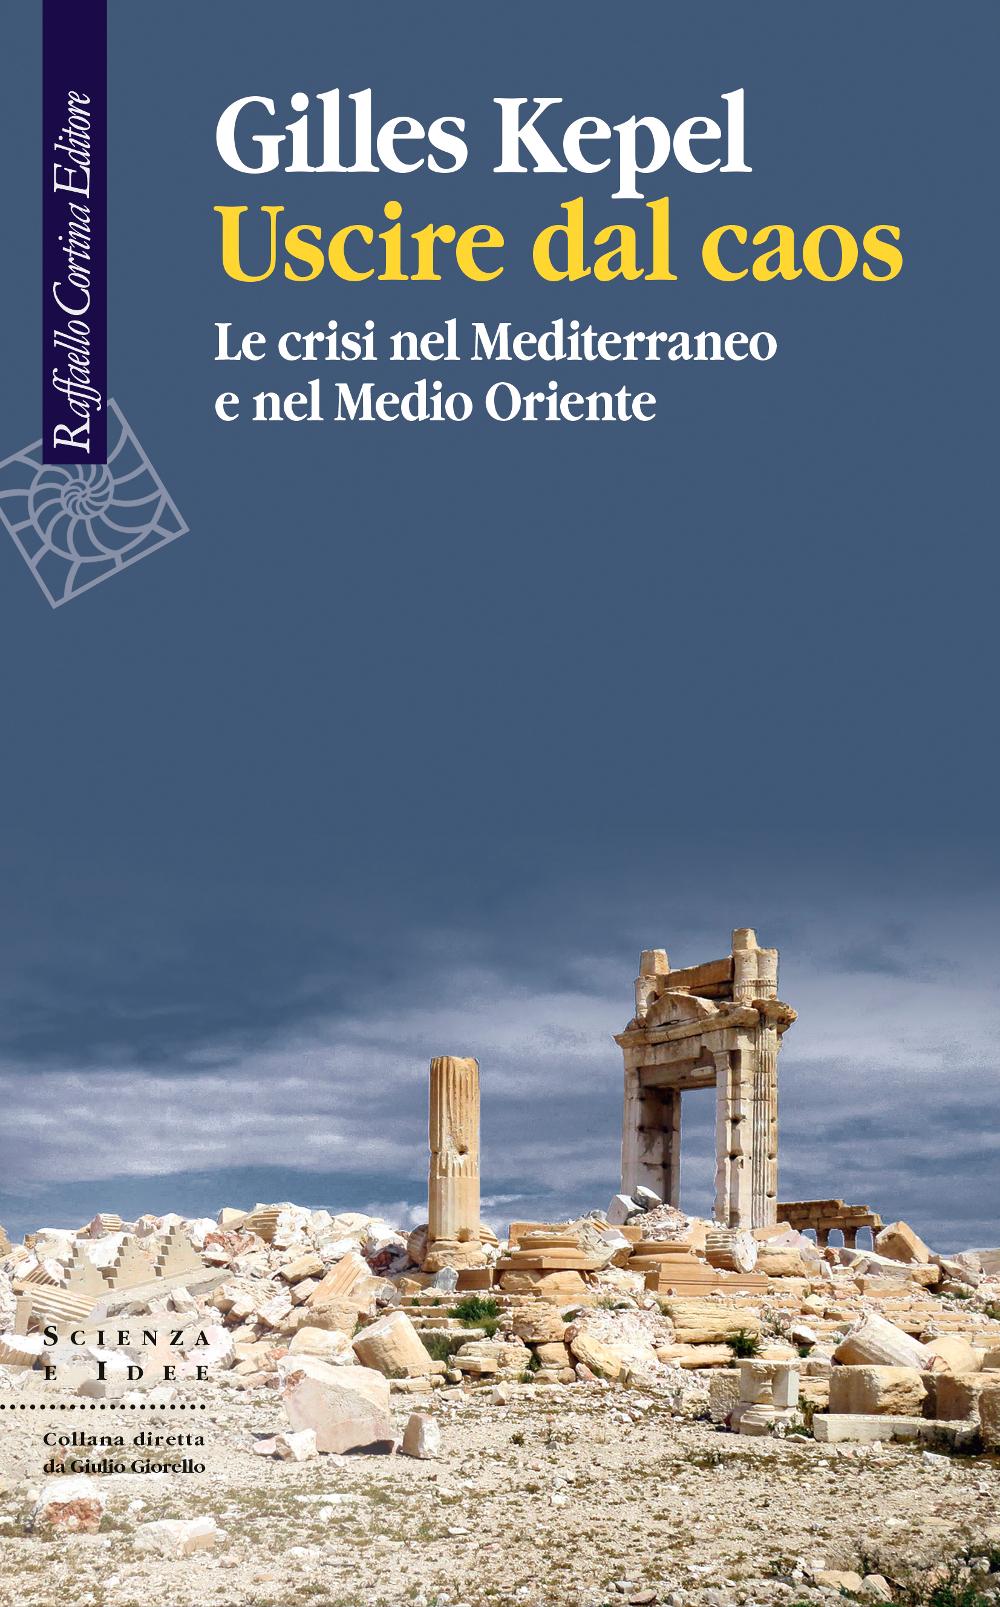 Uscire dal caos di Gilles Kepel (Raffaello Cortina, 2019) 1 - fanzine